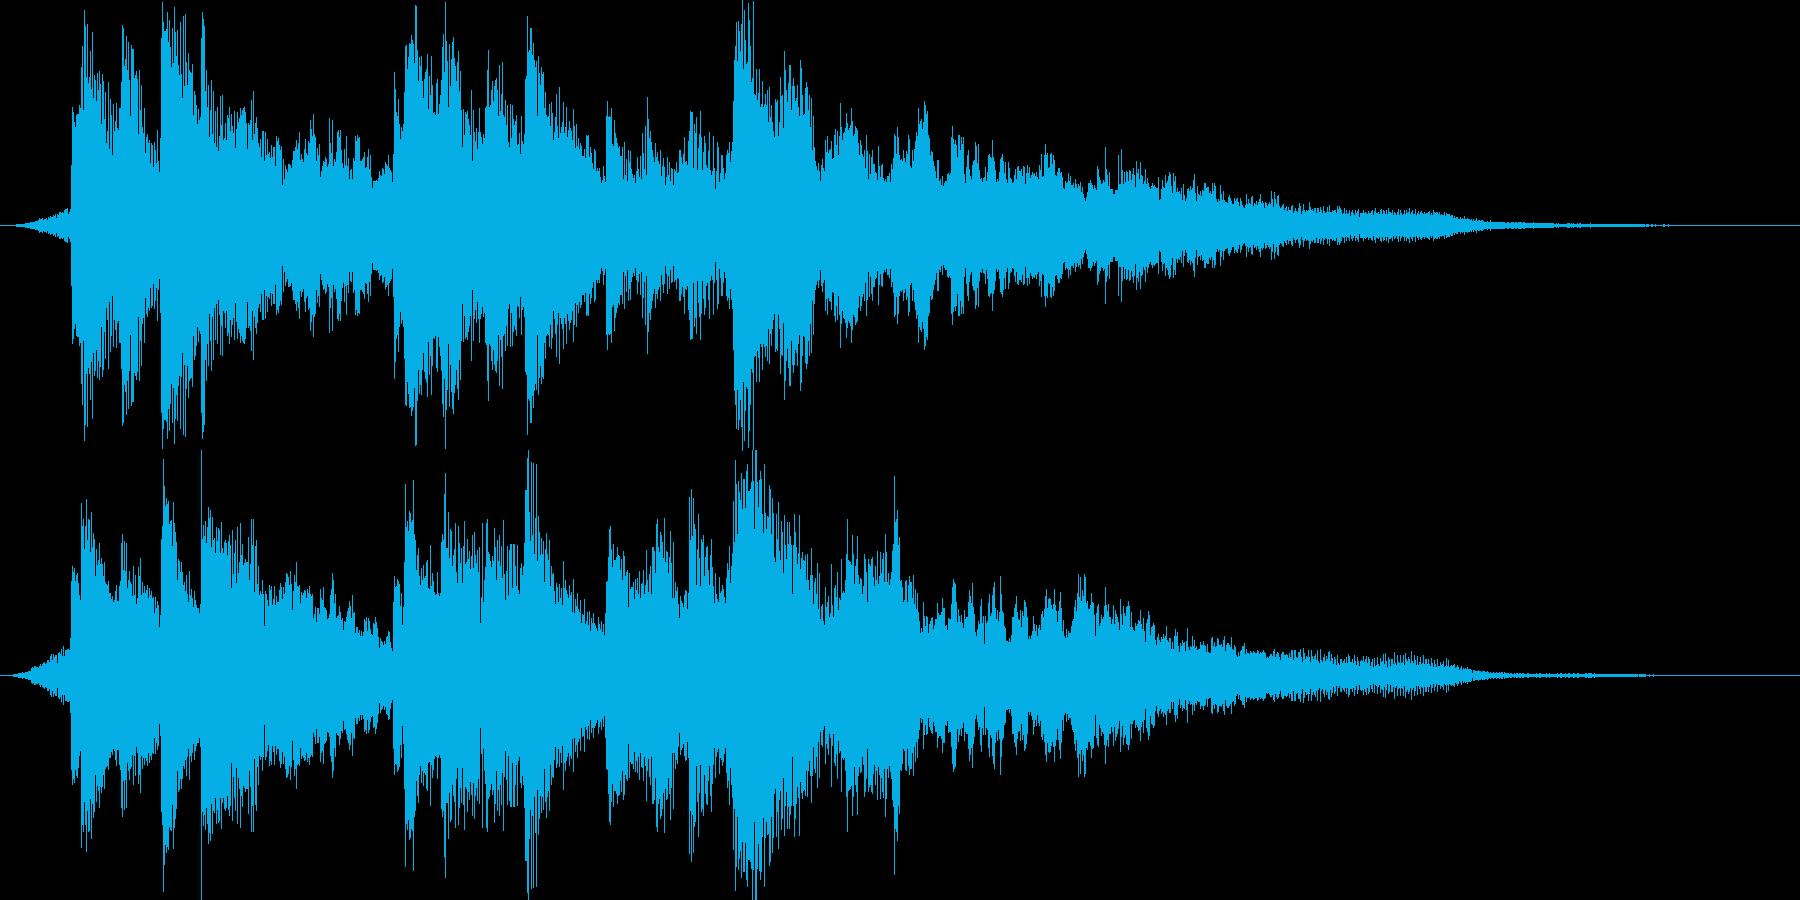 【ジングル】きれい系、ドキュメンタリー風の再生済みの波形